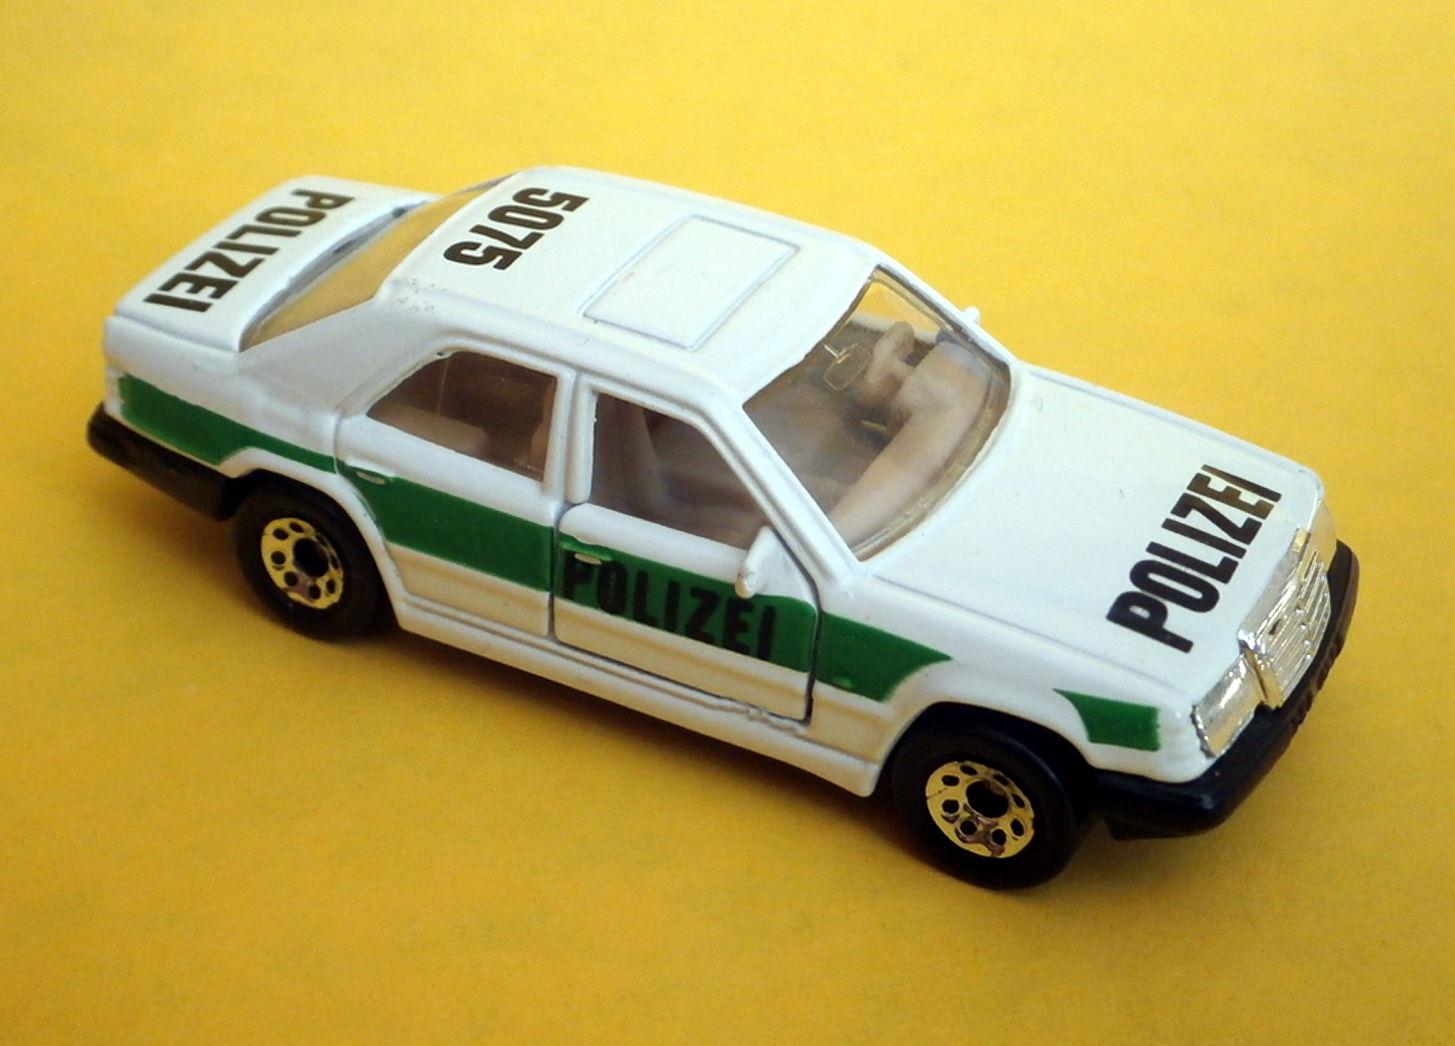 Mercedes Benz 300e Matchbox Cars Wiki Fandom Powered By Wikia 1992 Polizei